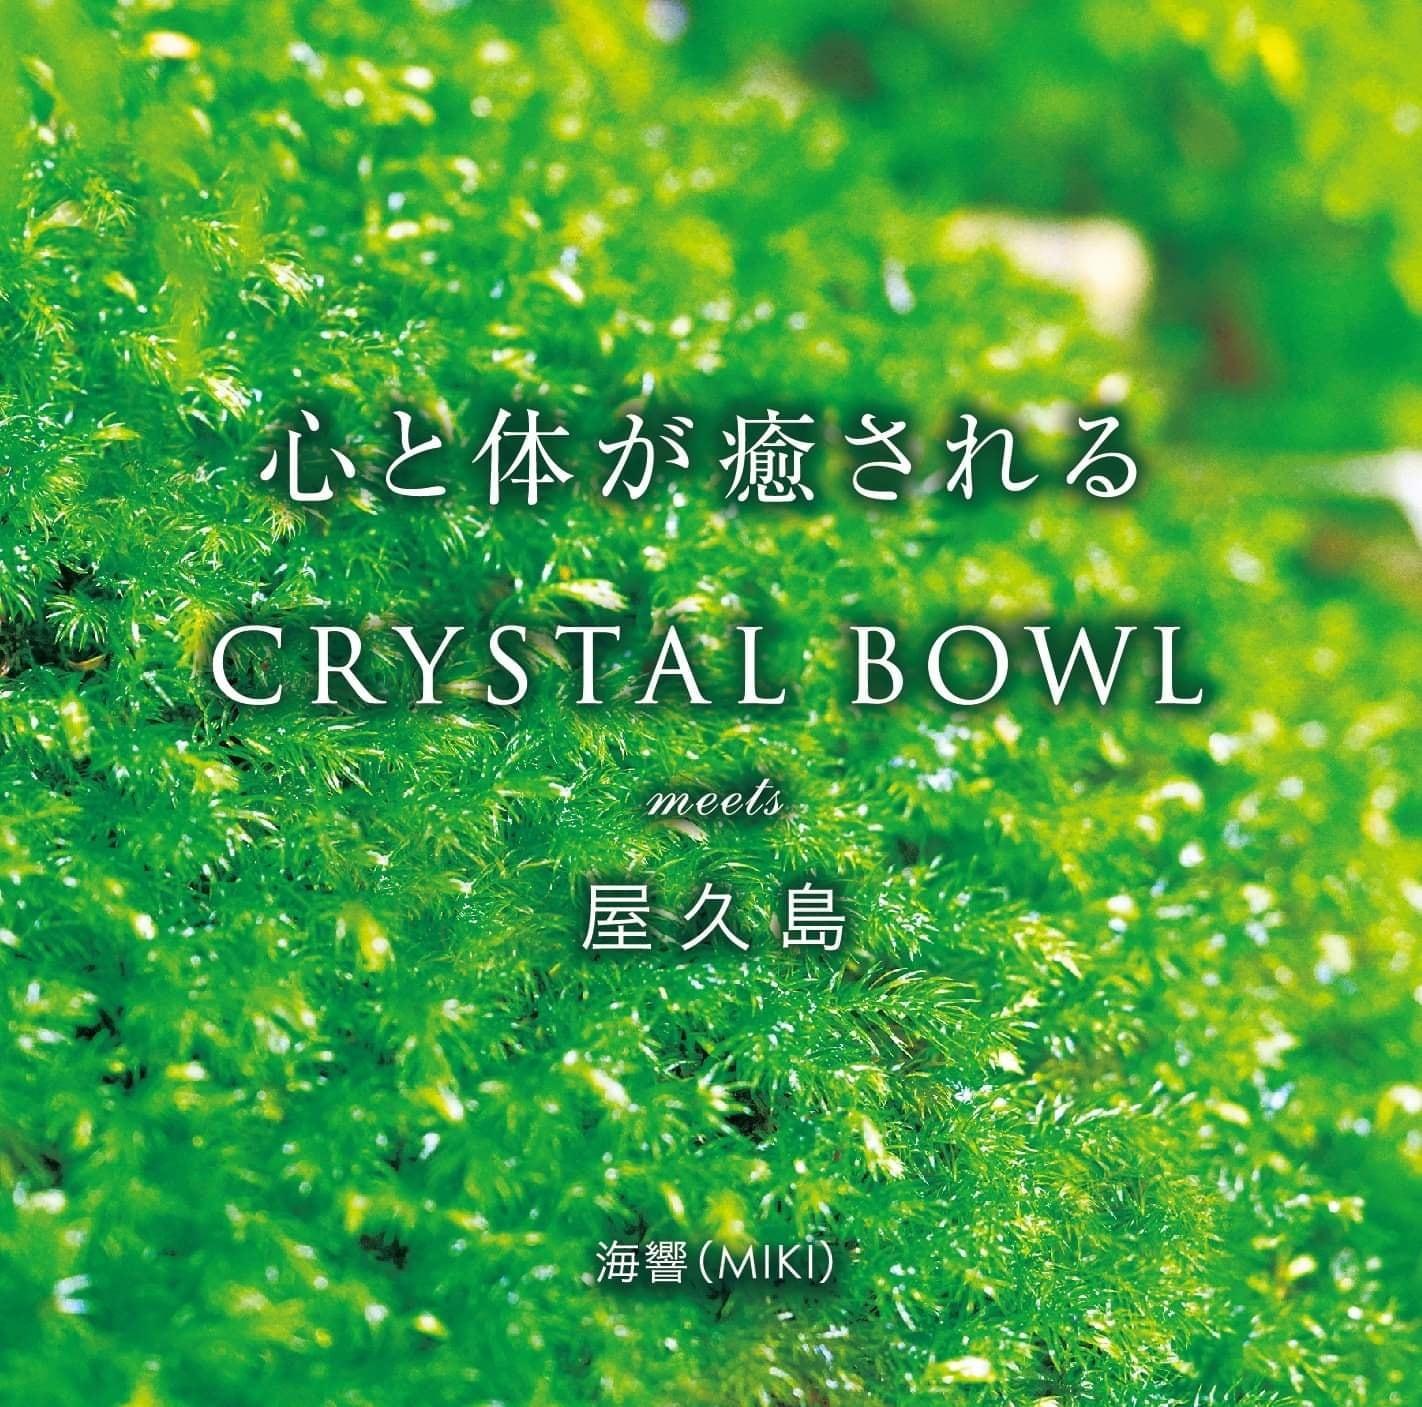 【海響(MIKI) 5th NEWアルバム】映画「愛の地球(ホシ)へ」挿入曲・主題歌「Become One」含む2枚組CD「CRYSTAL BOWL meets 屋久島」